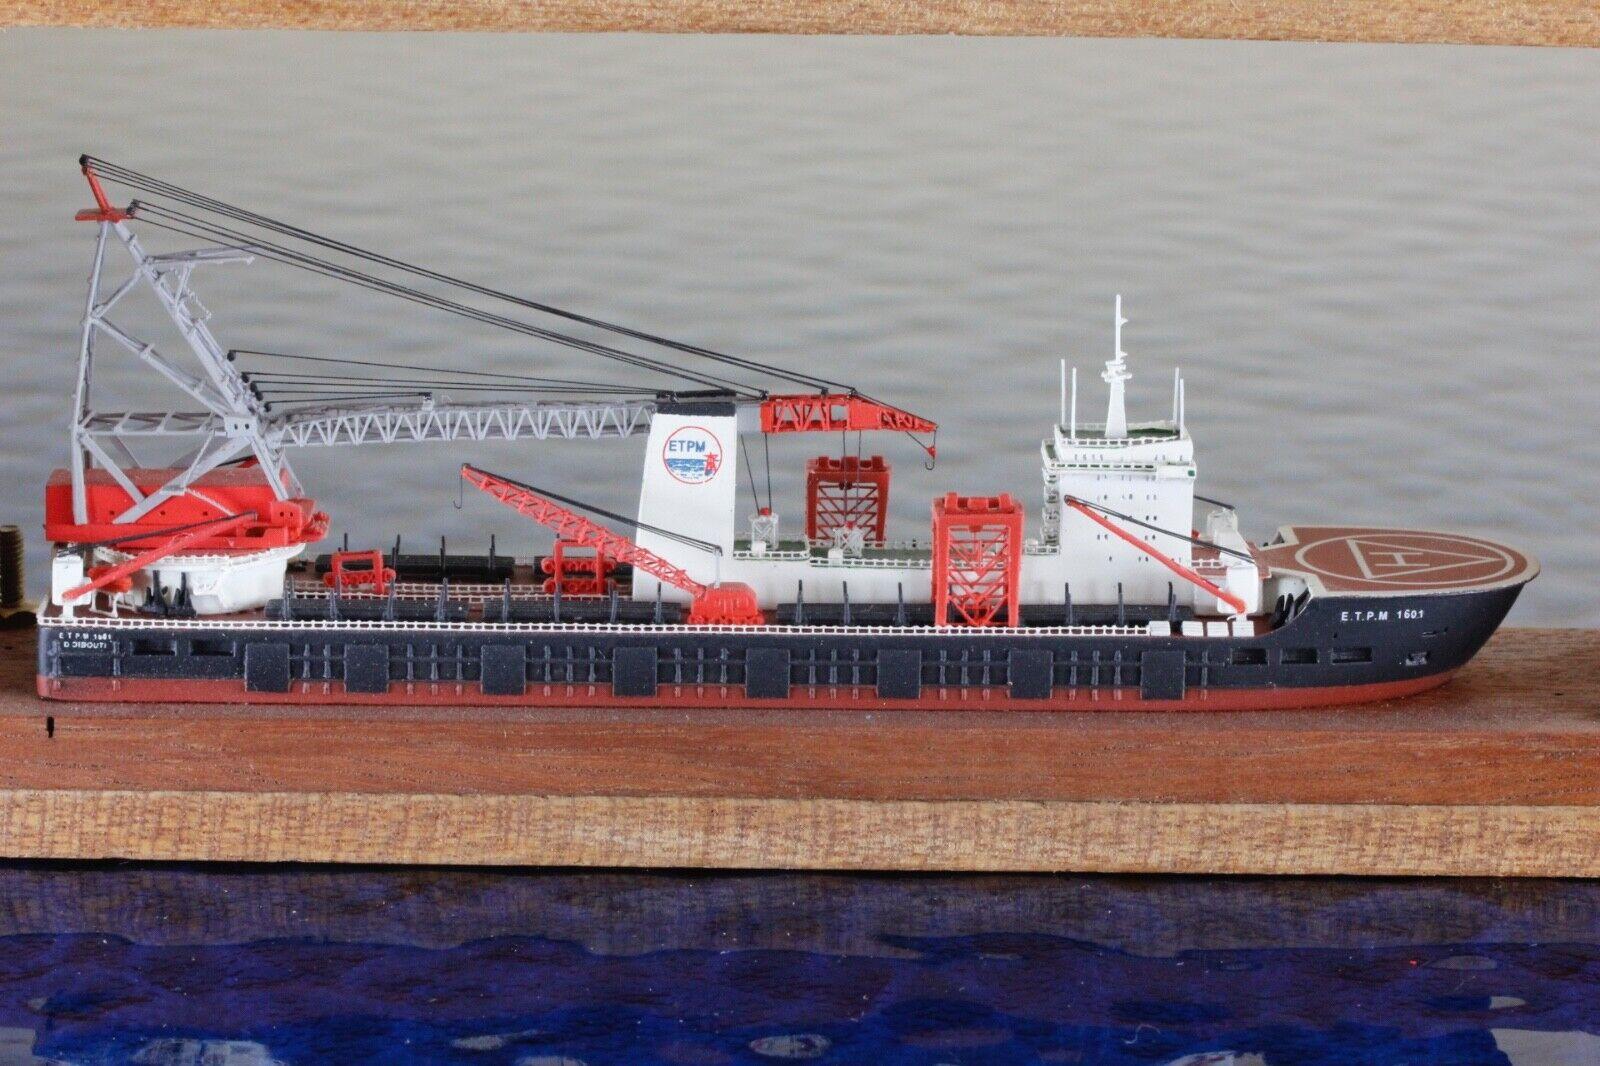 E.t.p.m 1601 fabricants Carat 64,1 1250 vaisseau Modèle